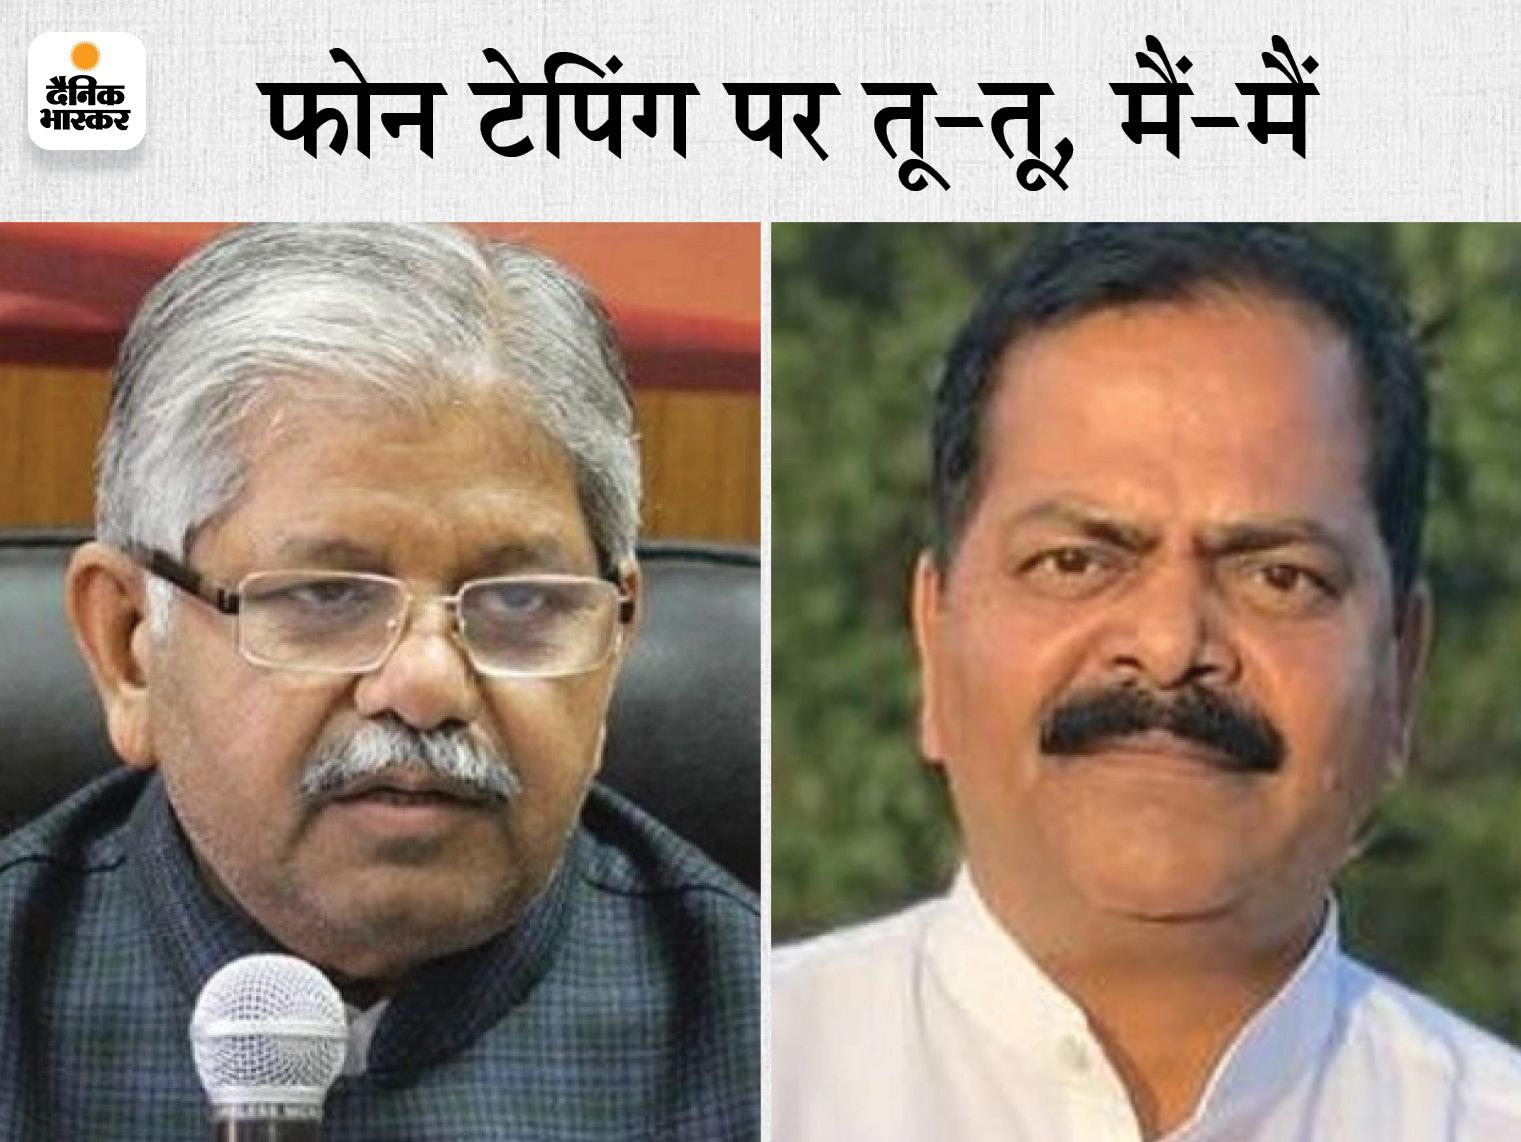 नेता प्रतिपक्ष ने कहा- टेपिंग के डर से कोई फोन से बात नहीं करना चाहता, कांग्रेस बोली- उल्टा चोर कोतवाल को डांटे|रायपुर,Raipur - Dainik Bhaskar